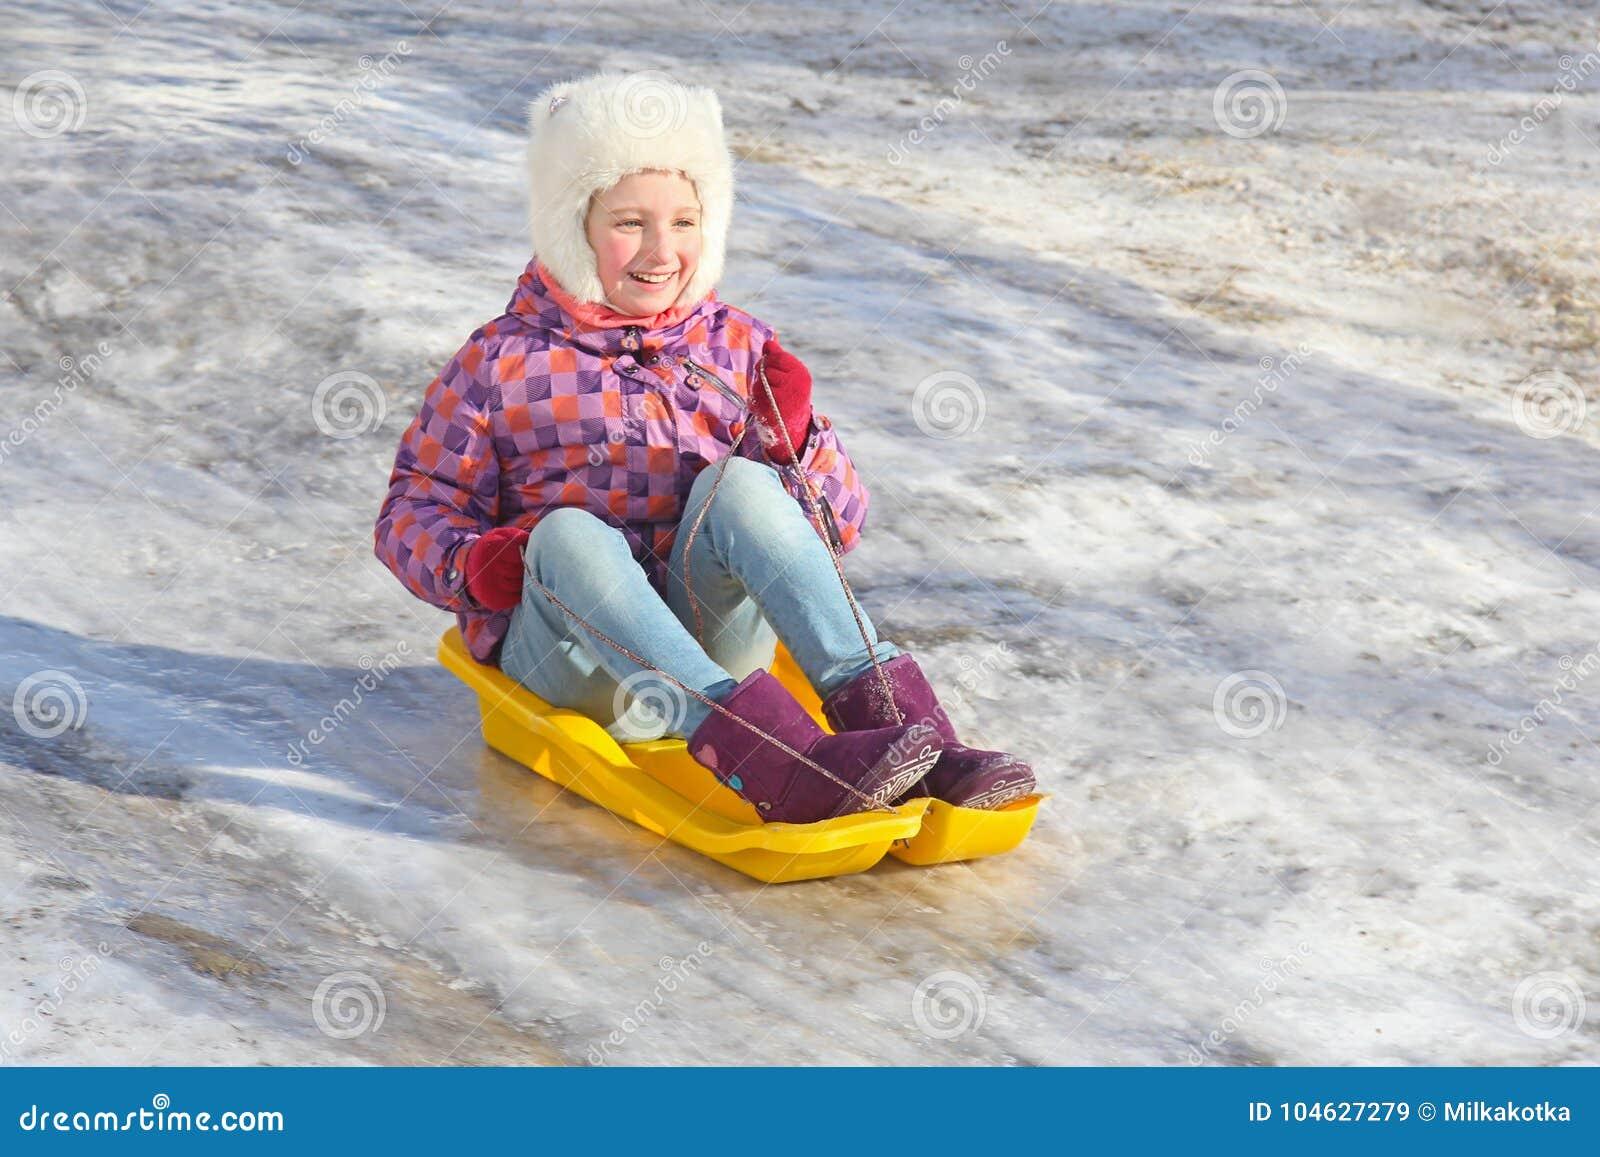 Download Vrolijke Meisjesritten Van Een Ijzige Berg Op Een Plastic Slee Het Kind Loopt Tijdens De De Wintervakantie Stock Afbeelding - Afbeelding bestaande uit koel, kinderjaren: 104627279